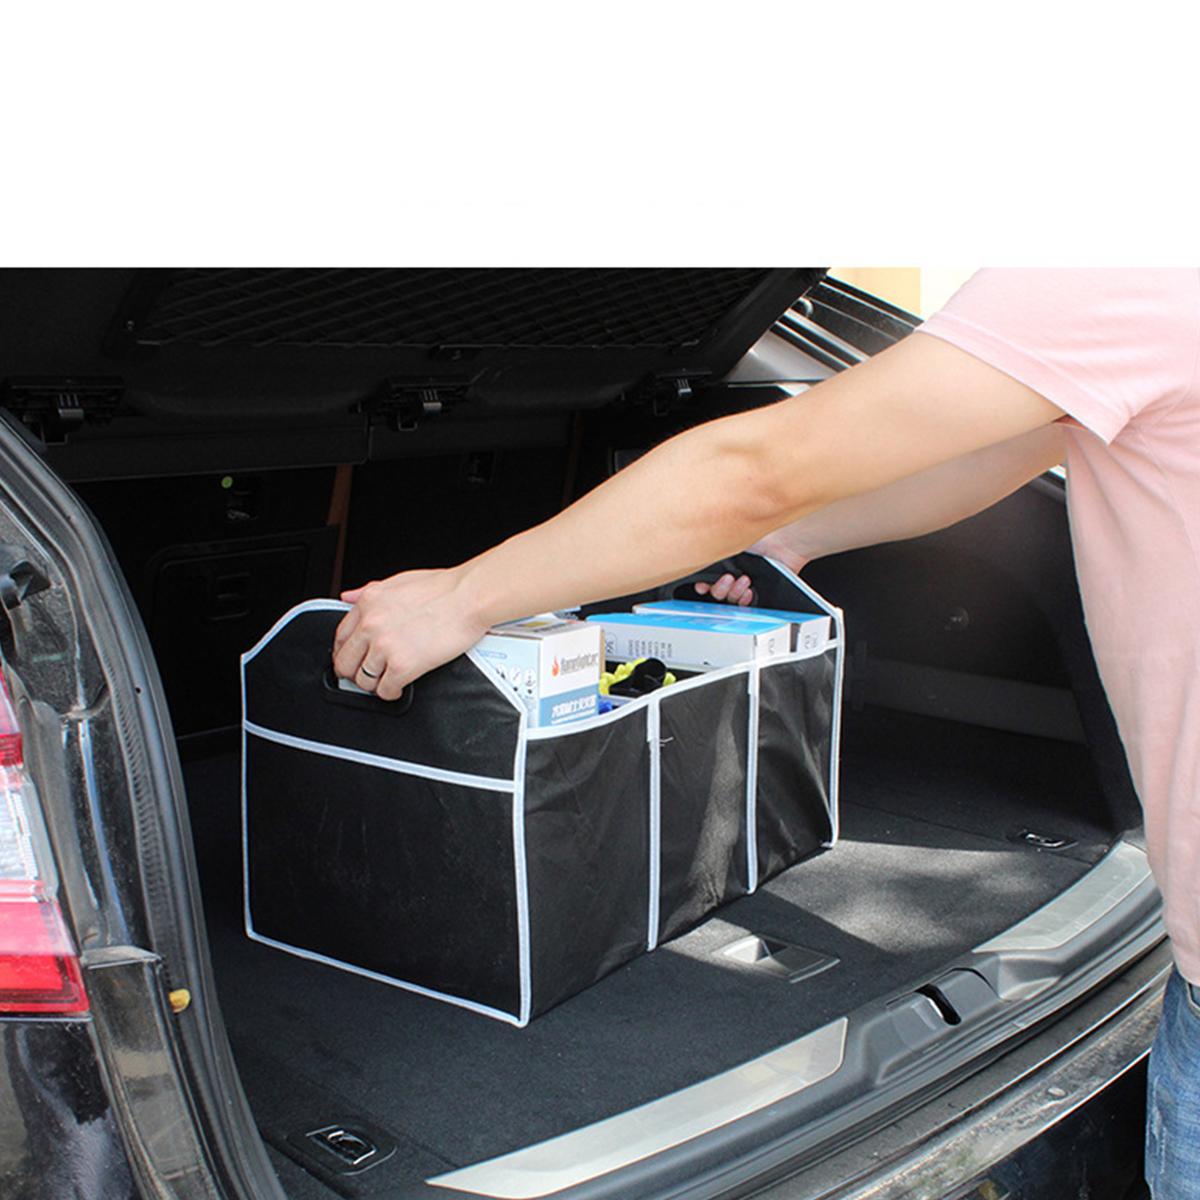 52L Авто Багажник Органайзер Авто Аксессуары для интерьера Заднее сиденье Хранение Коробка Сумка